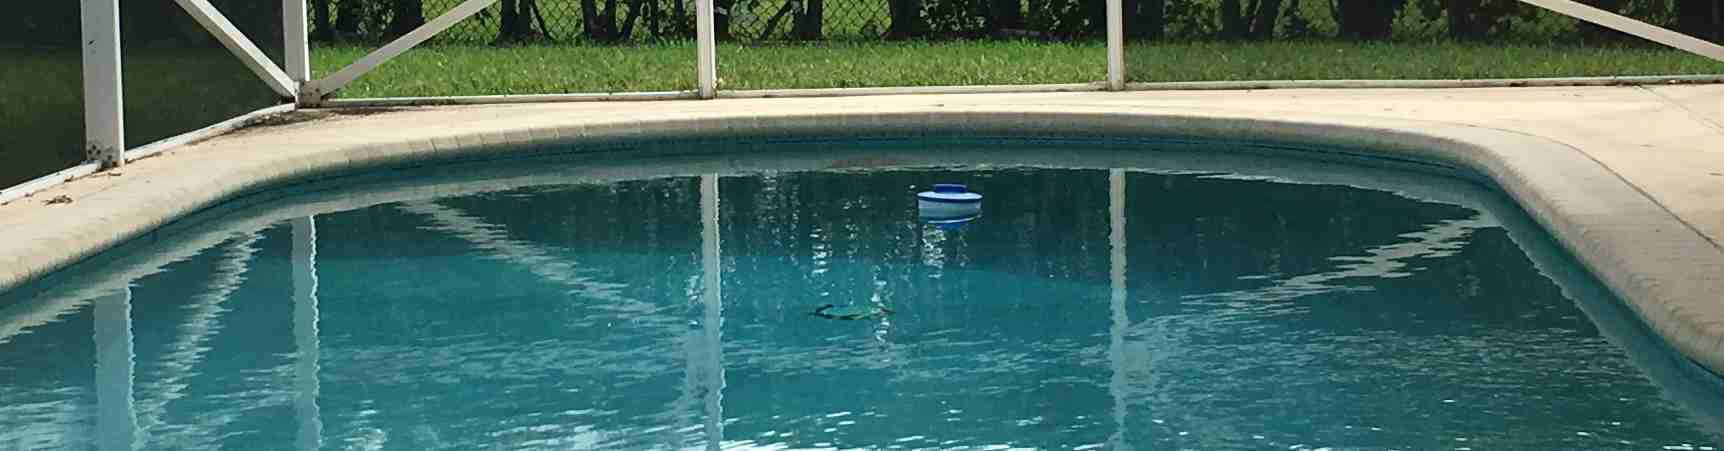 nad háčkem filtru čerpadla venkovního bazénu